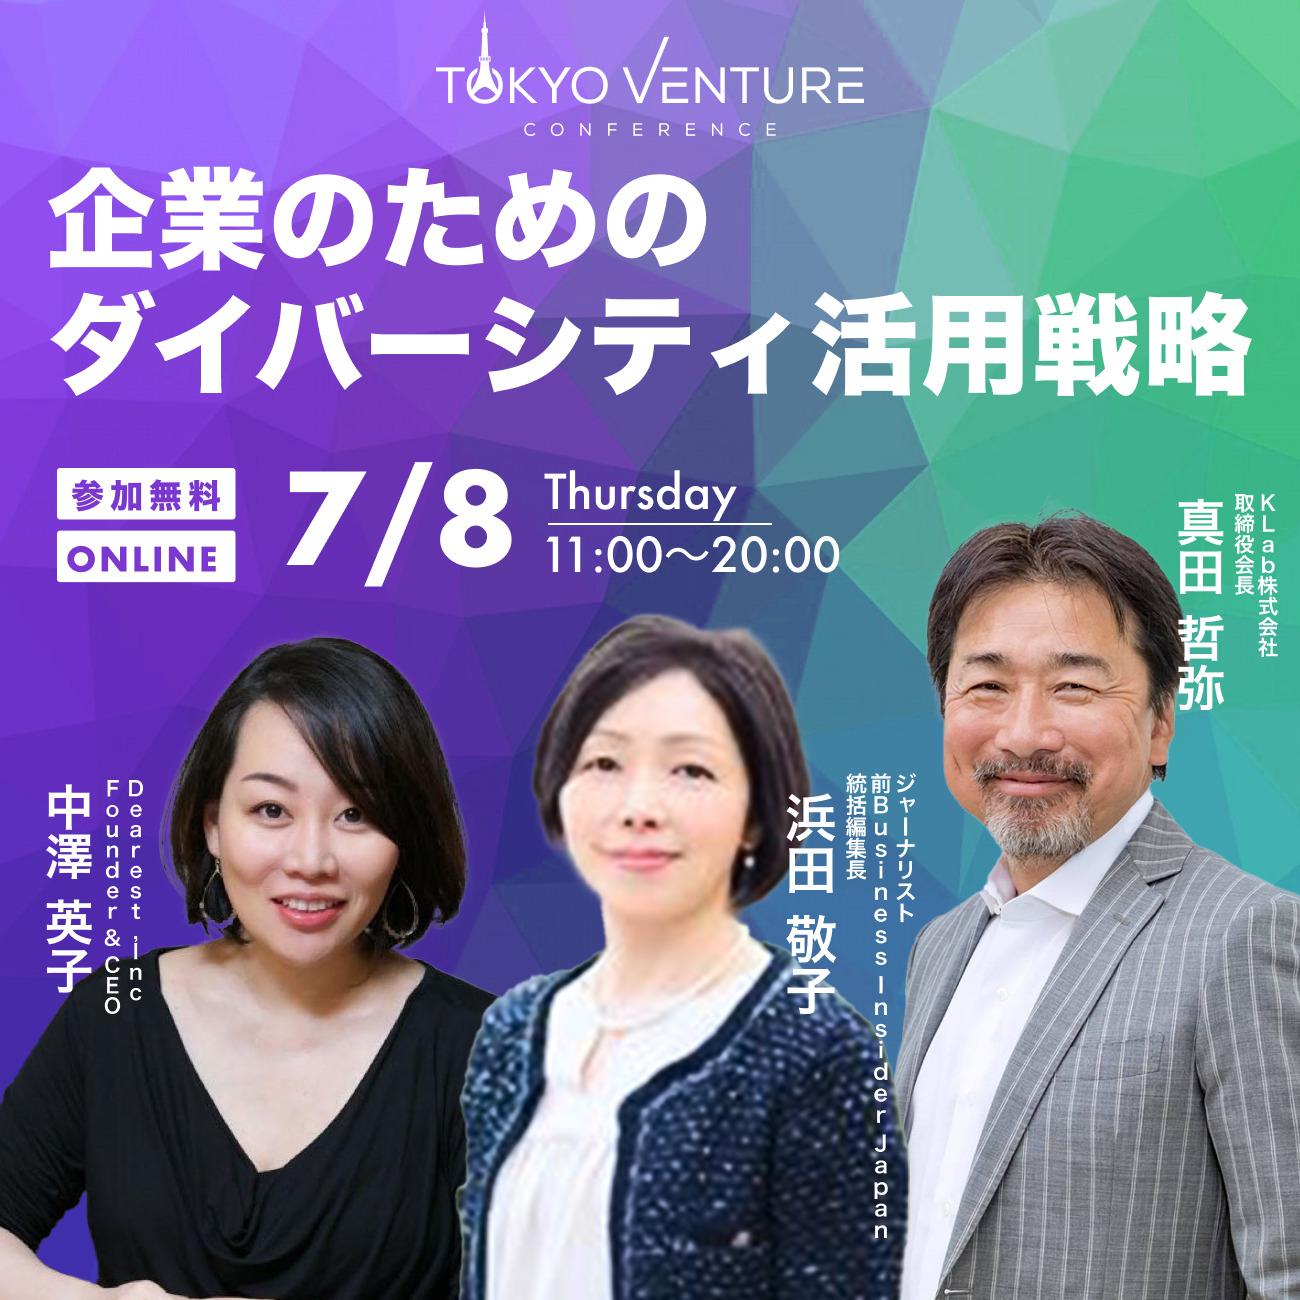 東京ベンチャーカンファレンス登壇者